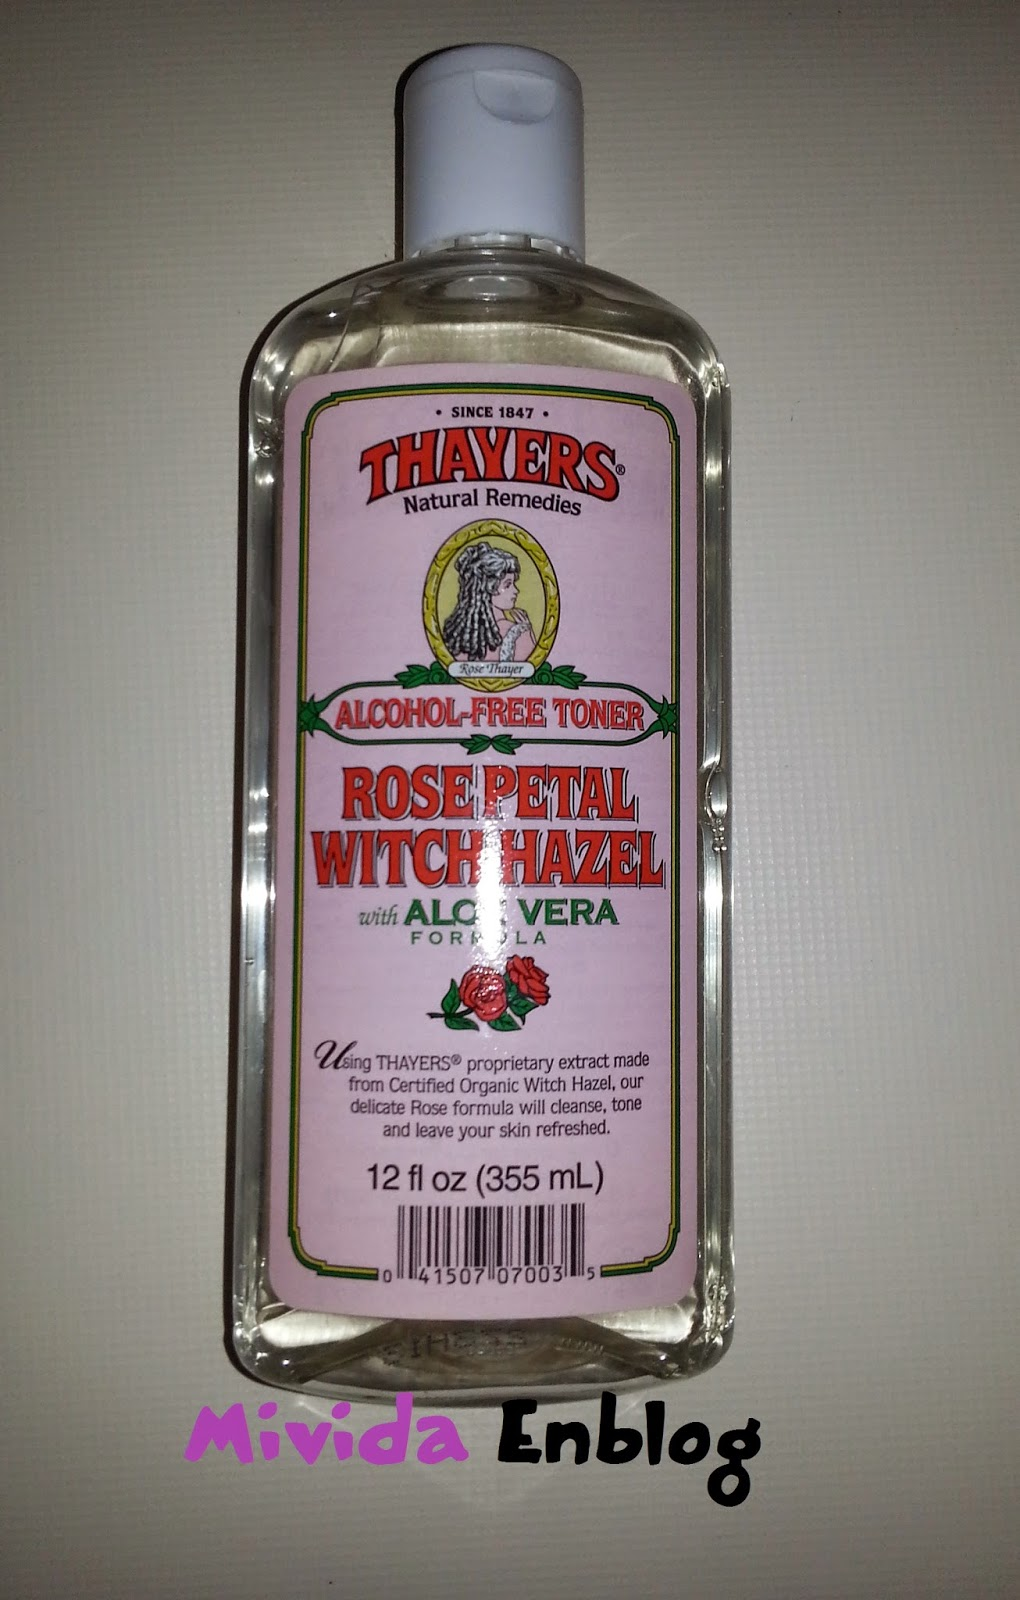 Tónico de rosas de Thayers